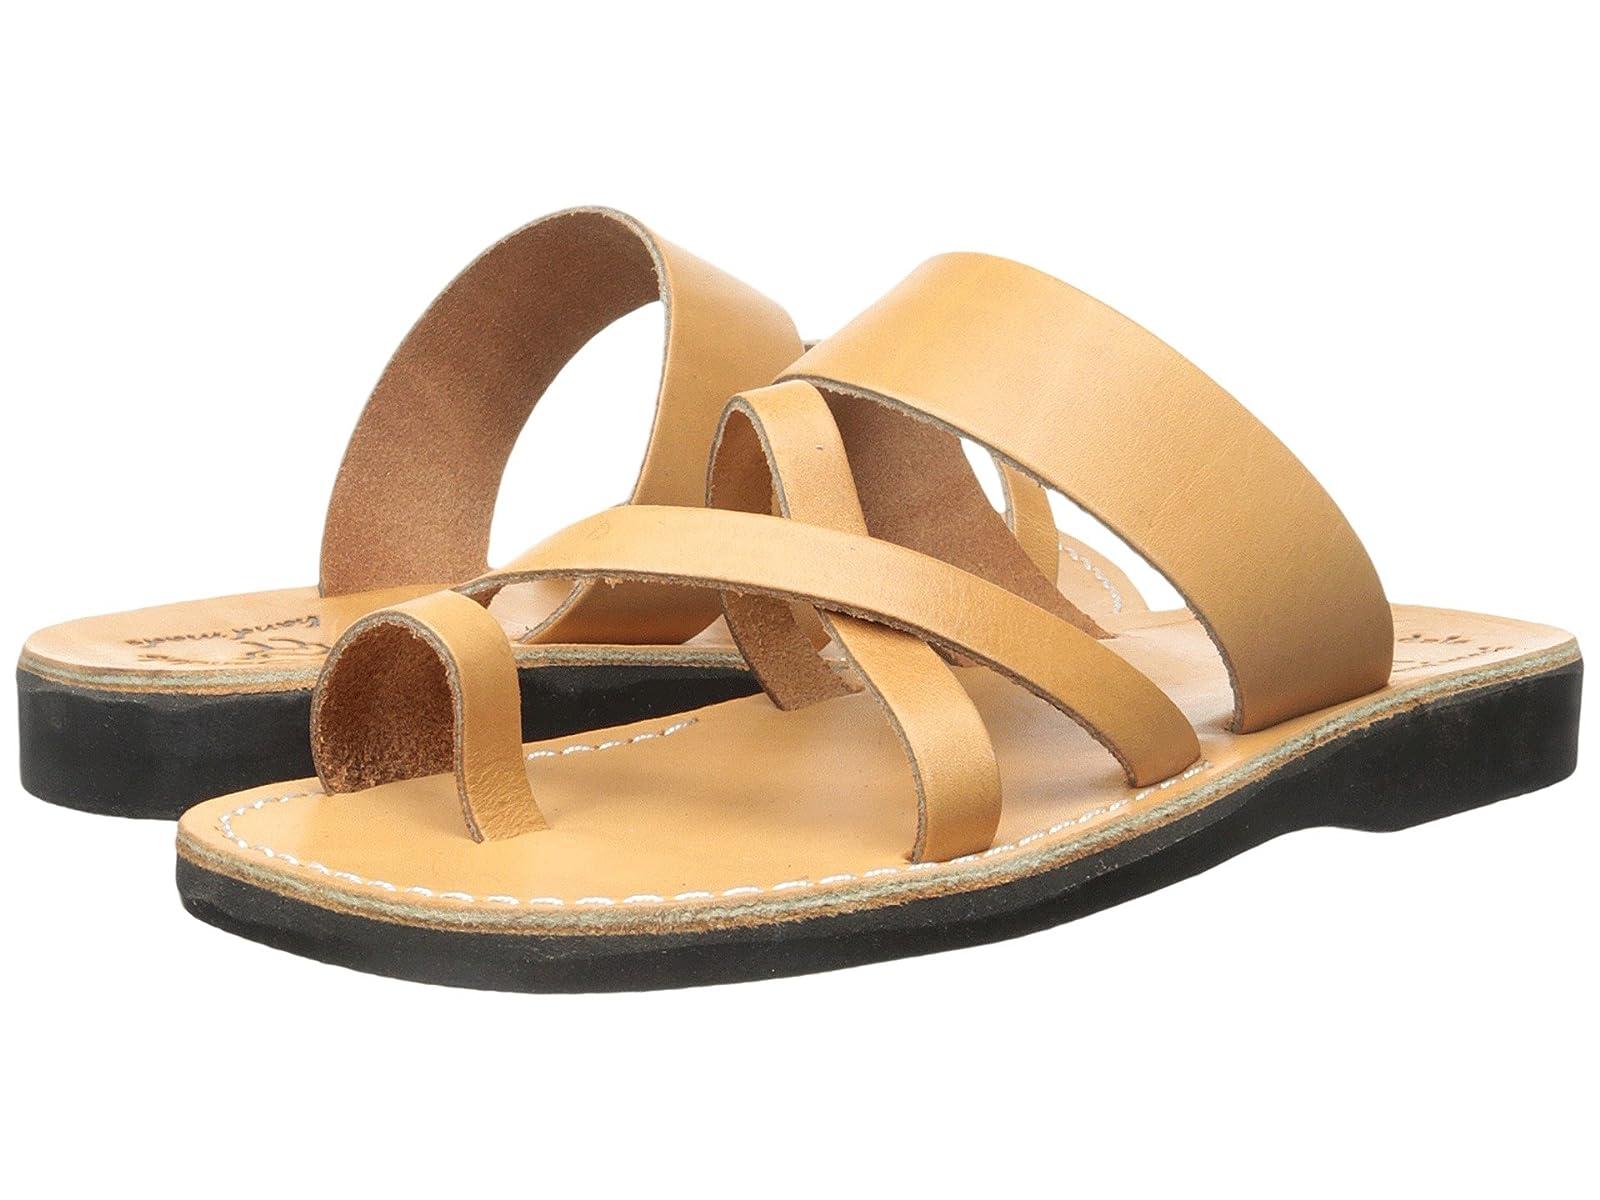 Jerusalem Sandals The Good Shepherd – Men'sAtmospheric grades have affordable shoes